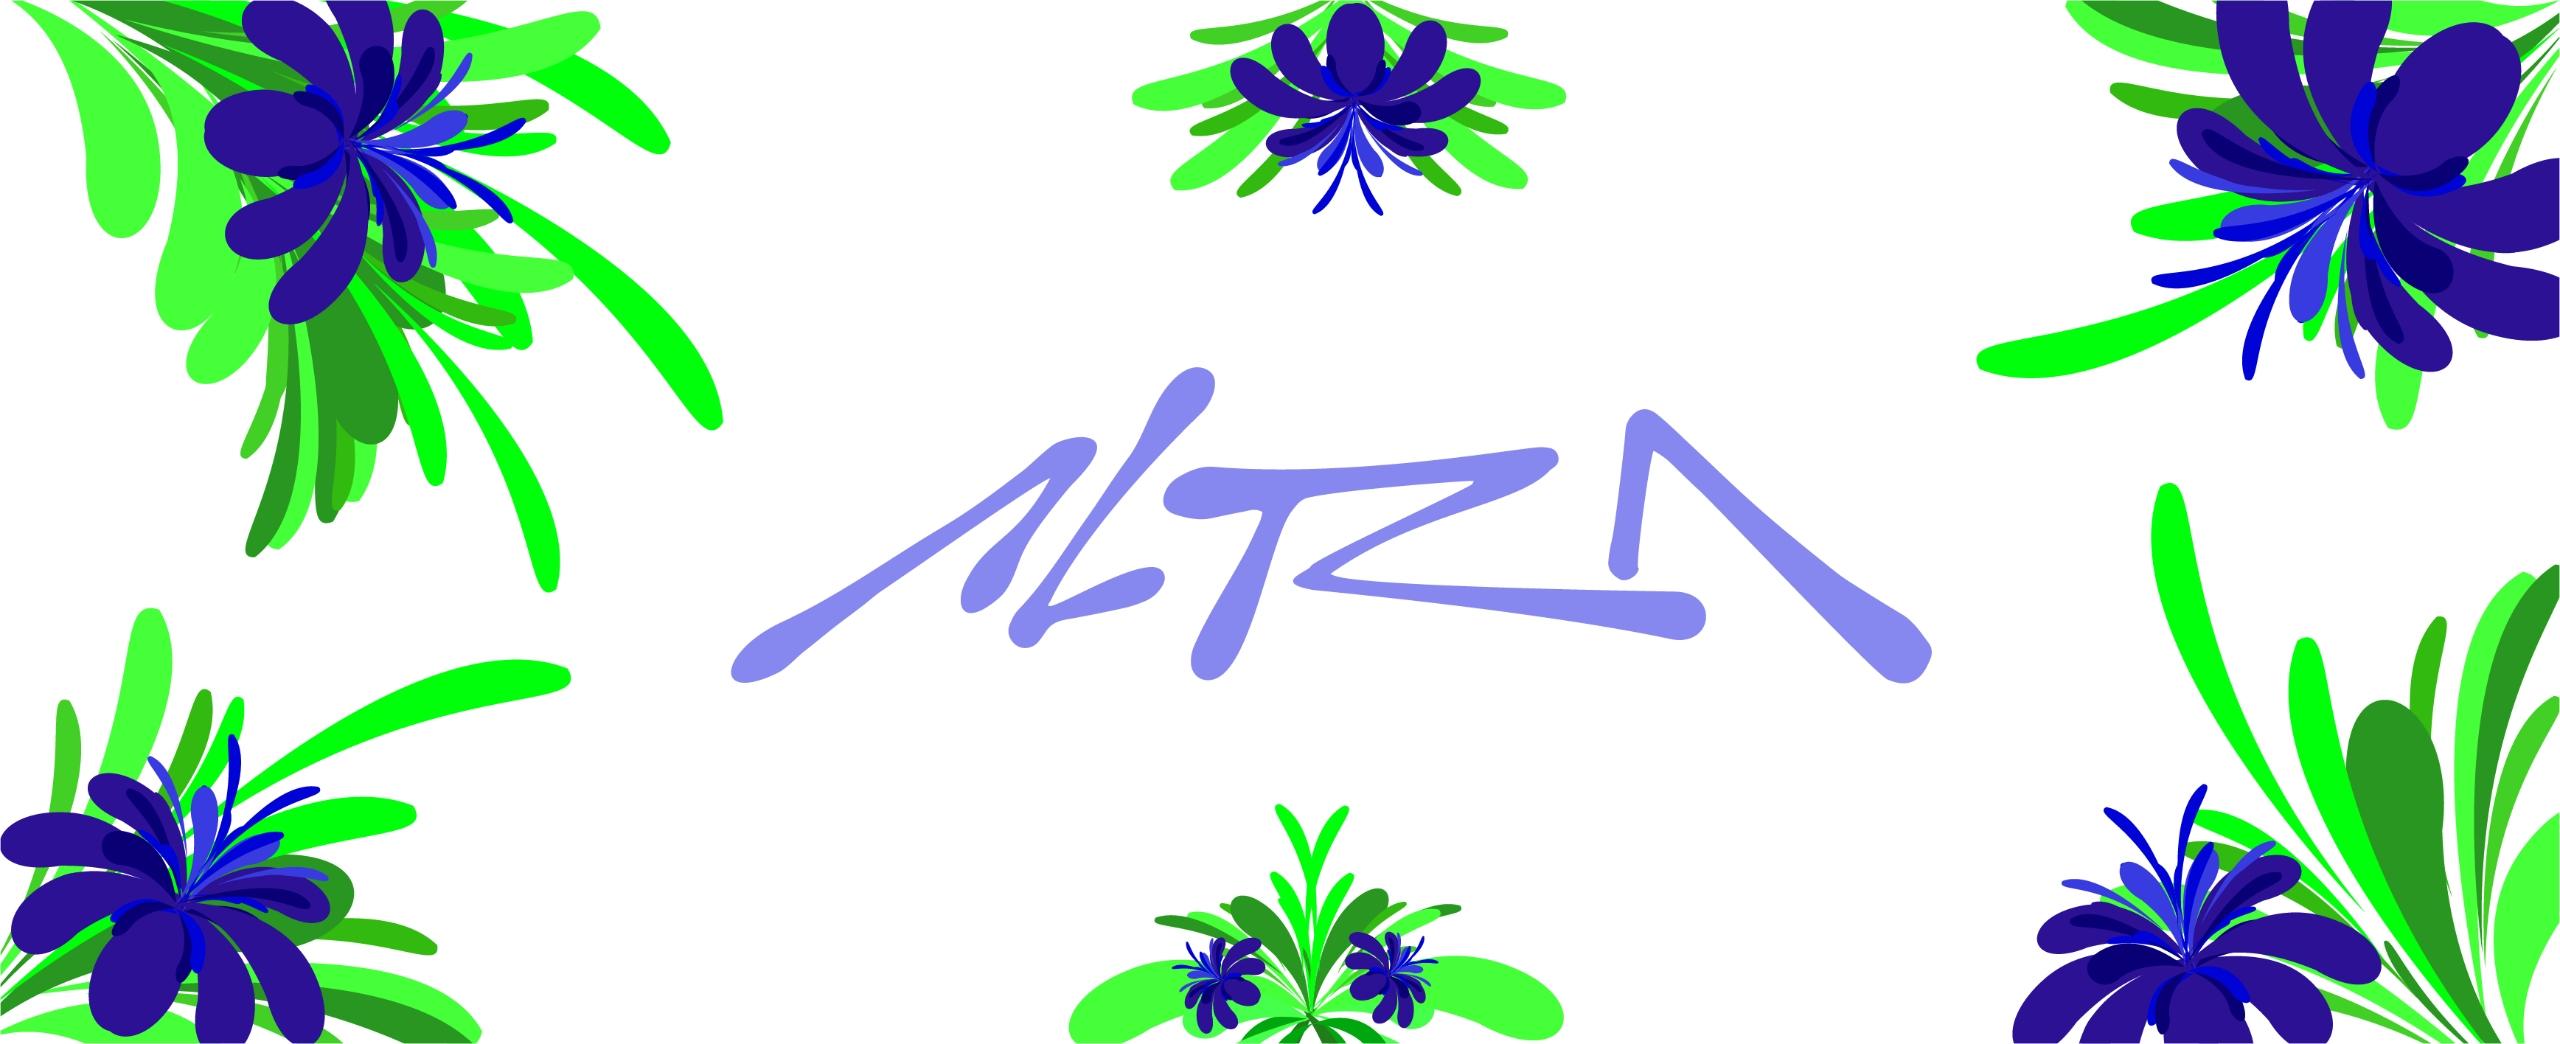 Altra (@altra) Cover Image